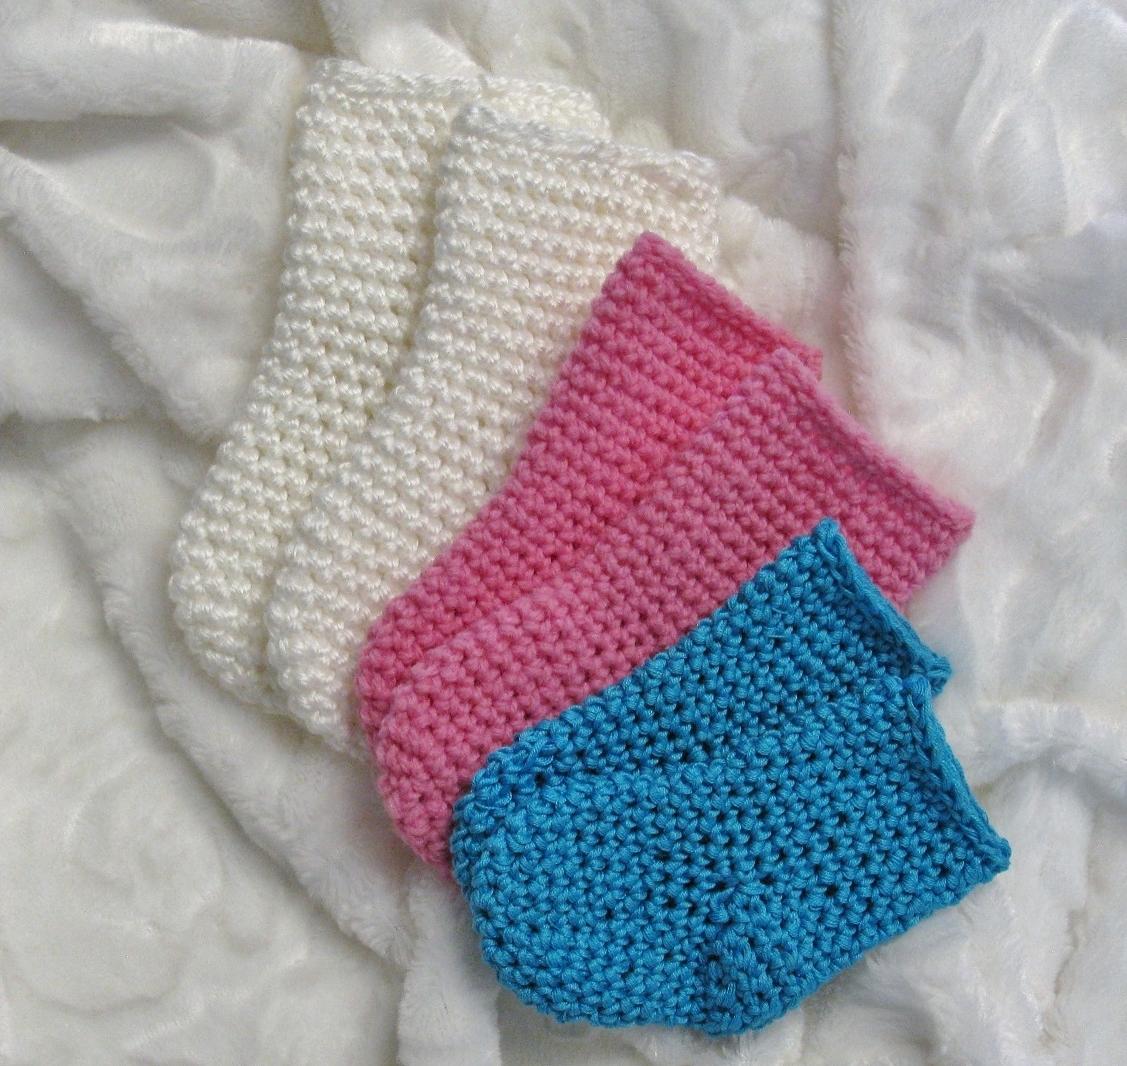 Chaussettes au crochet pour bébés 0-12 mois